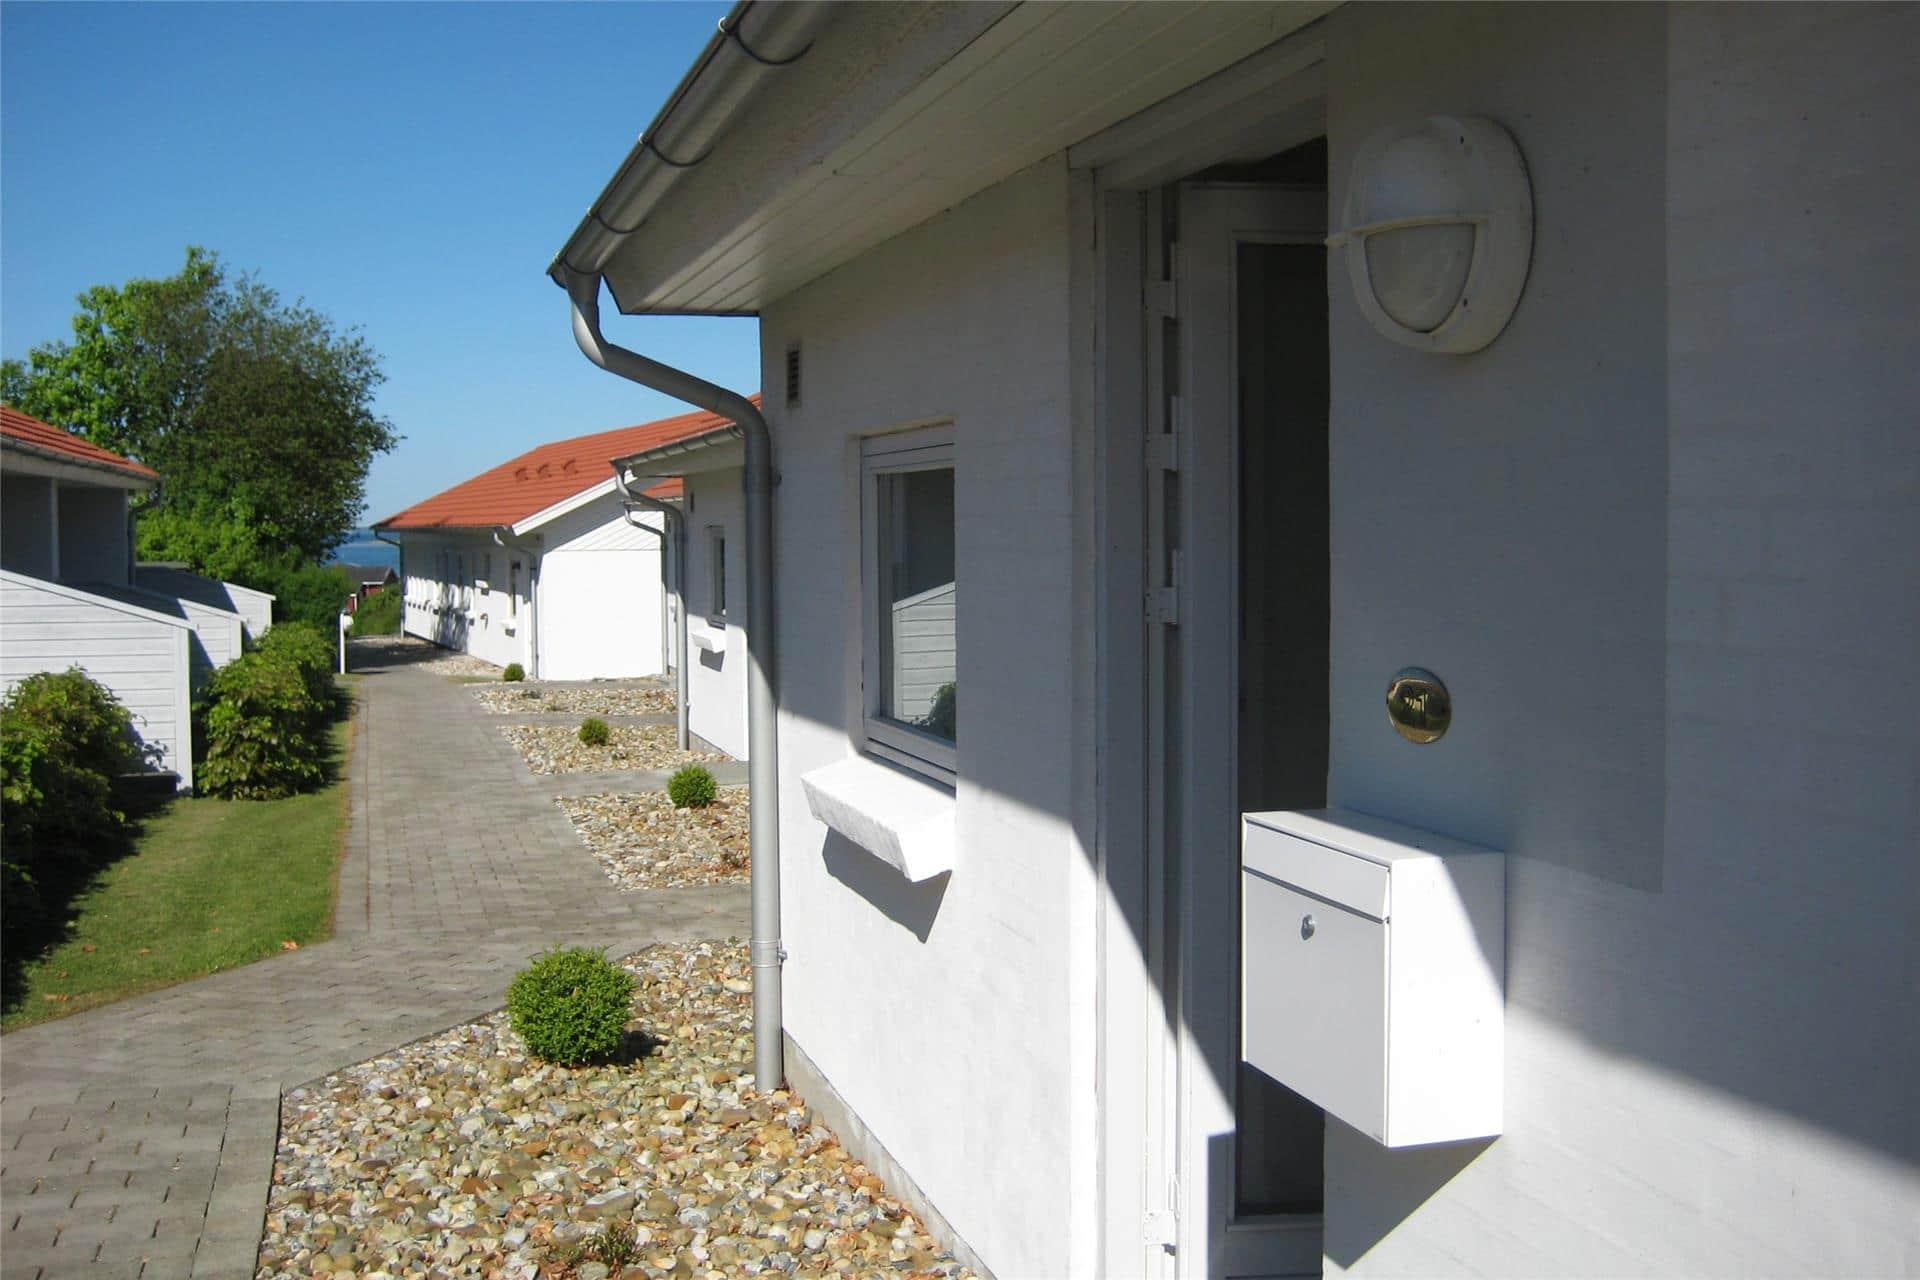 Billede 1-3 Sommerhus M70261, Tulipanstræde 21, DK - 5970 Ærøskøbing